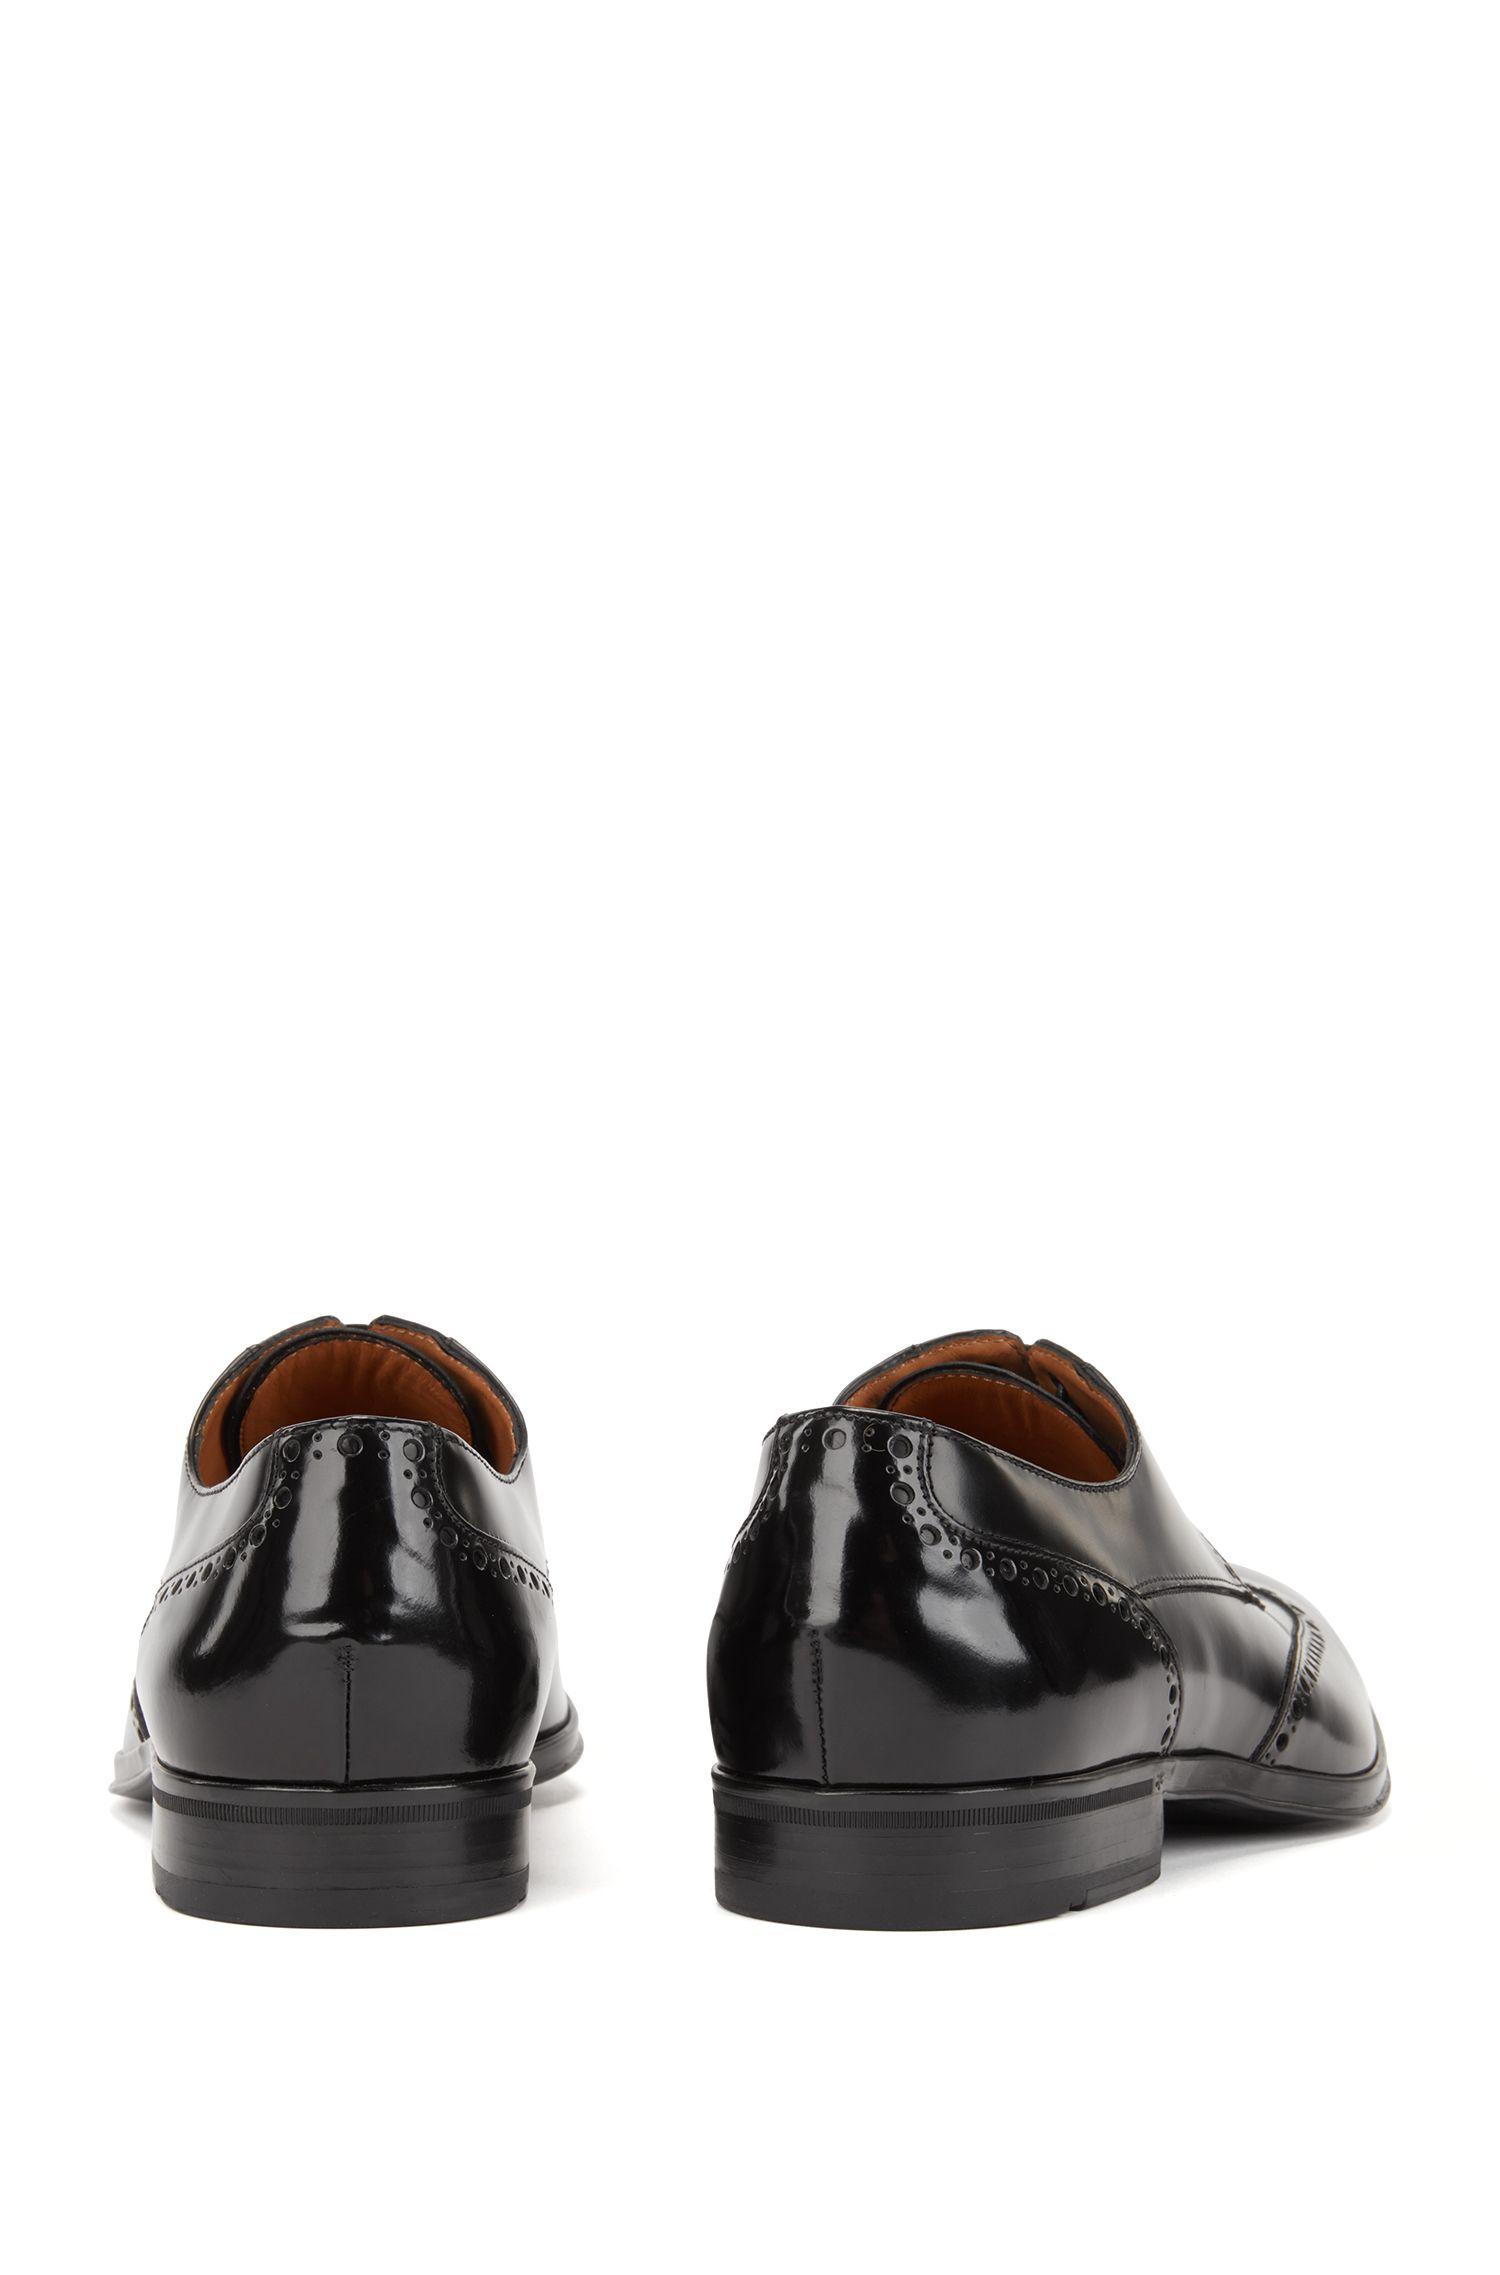 Scarpe brogue modello derby in pelle di vitello spazzolata, Nero